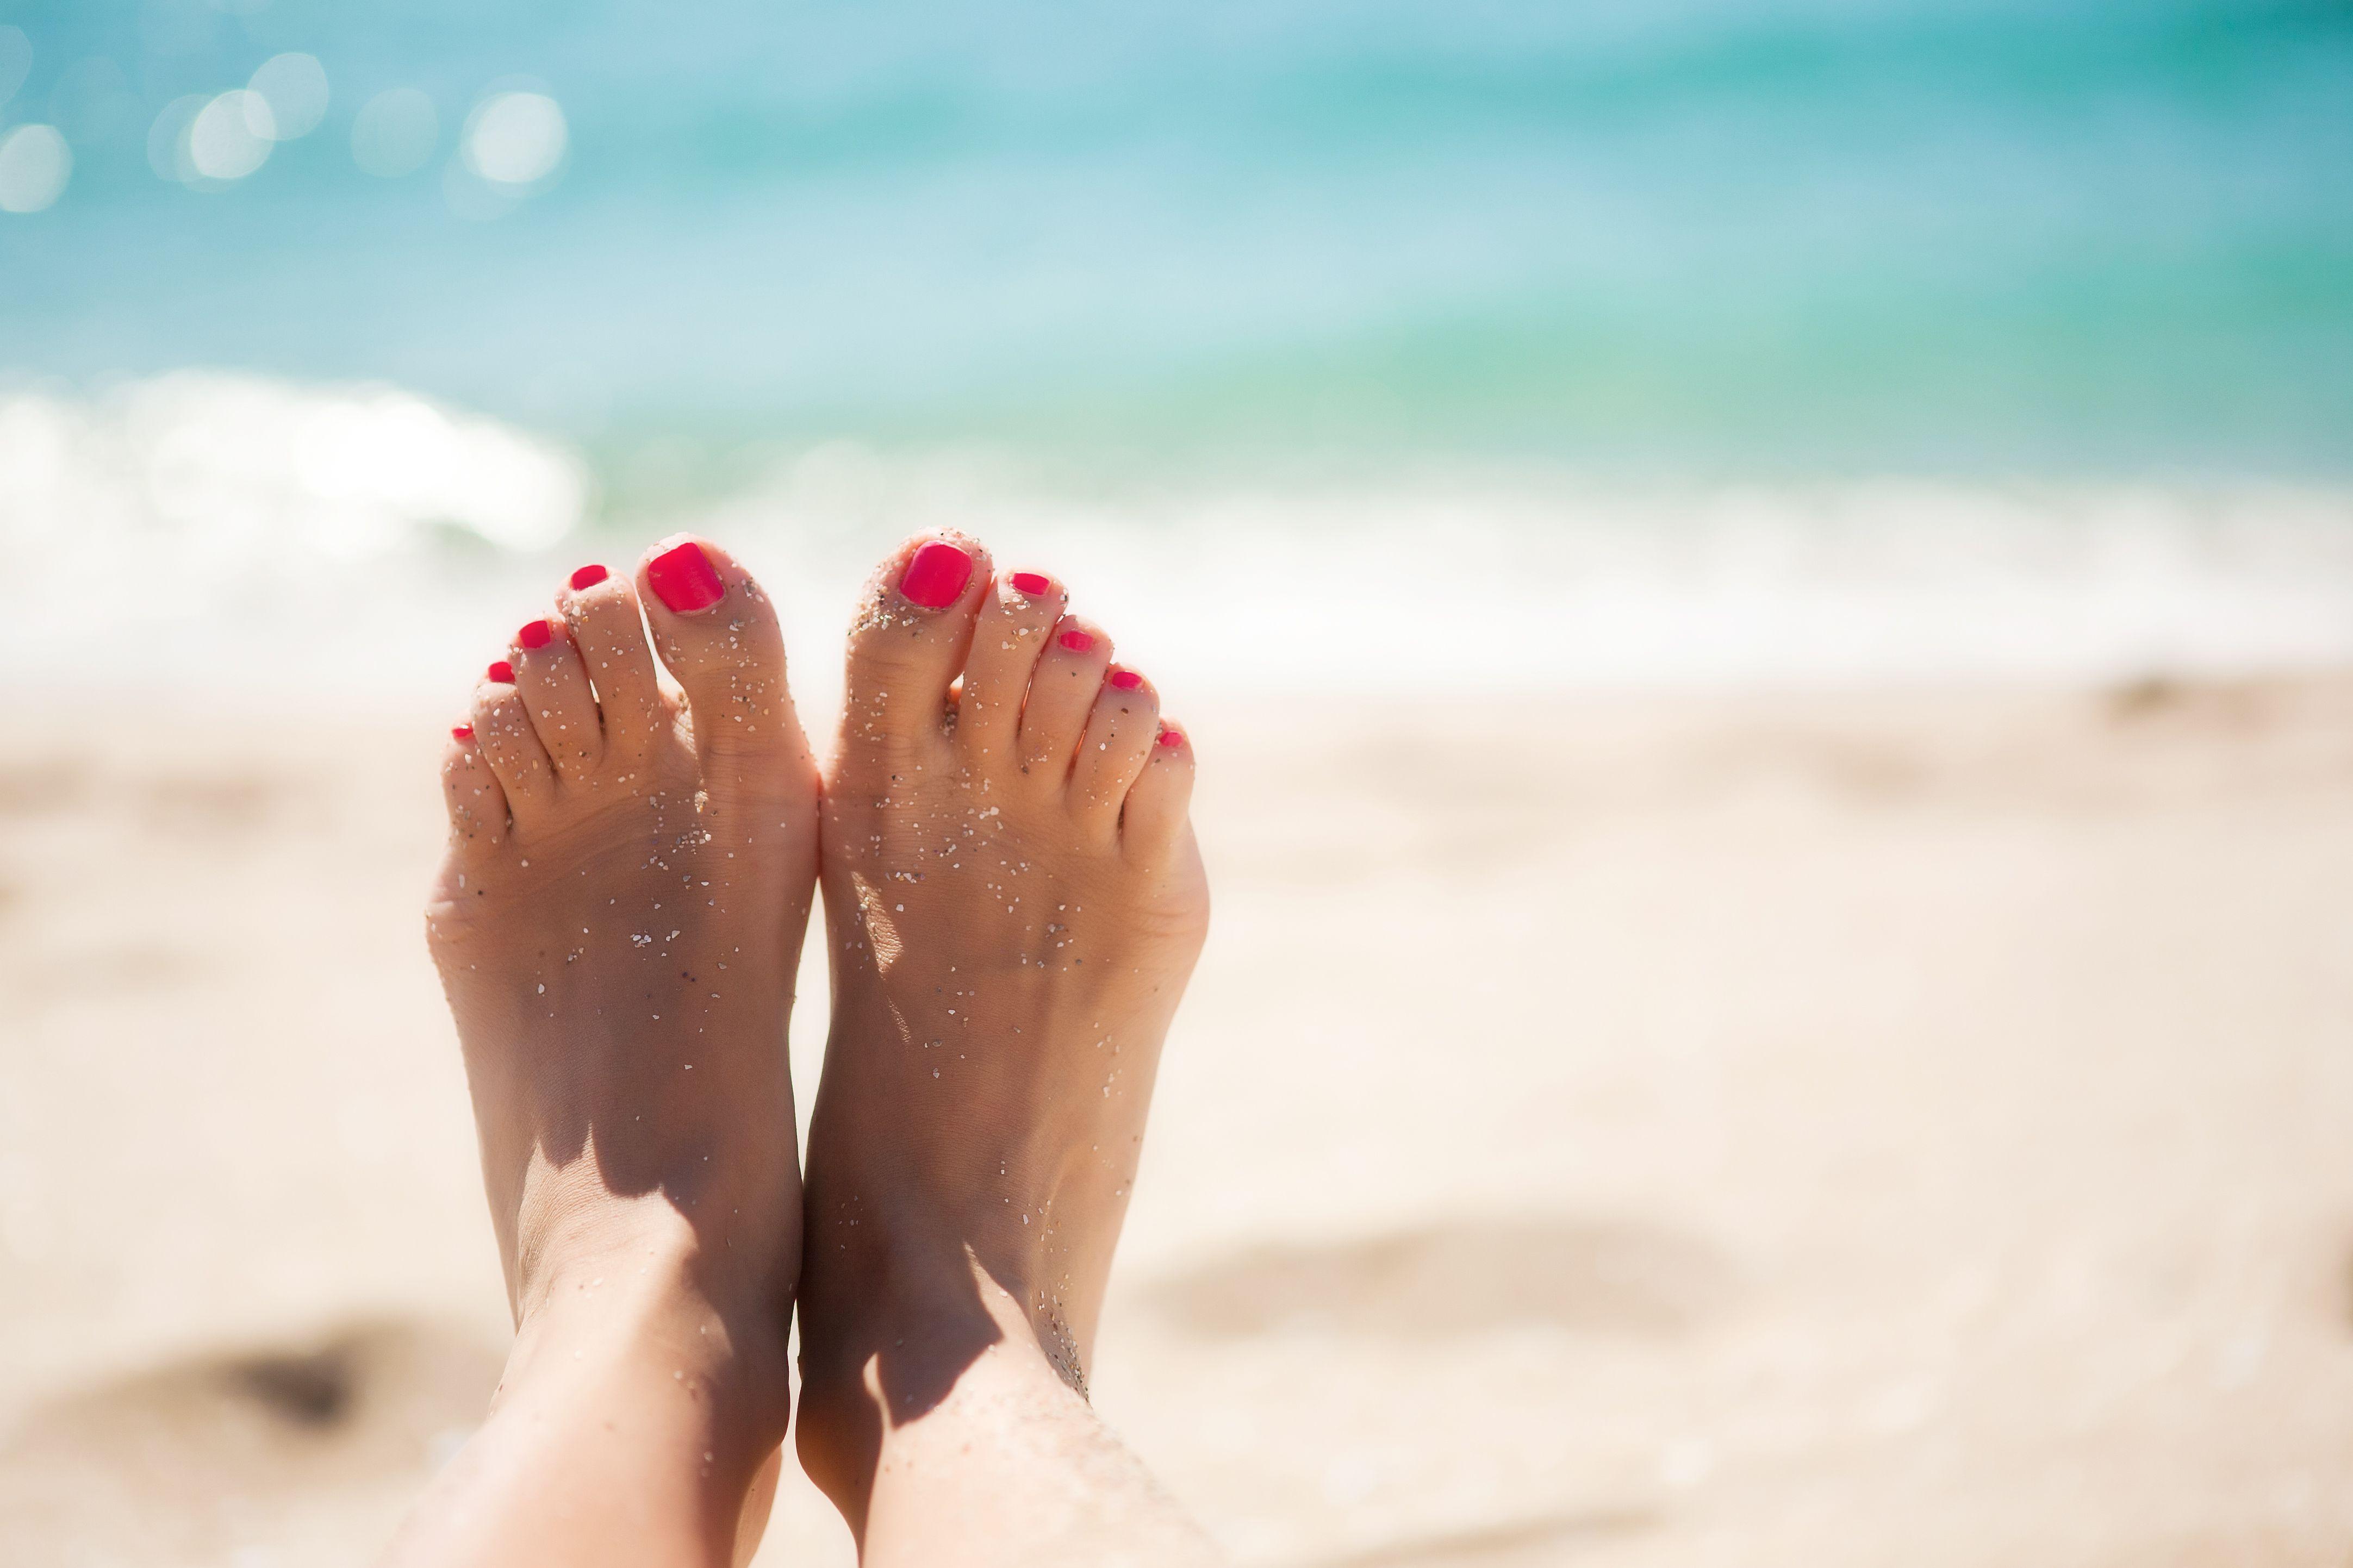 Luce unos pies bonitos